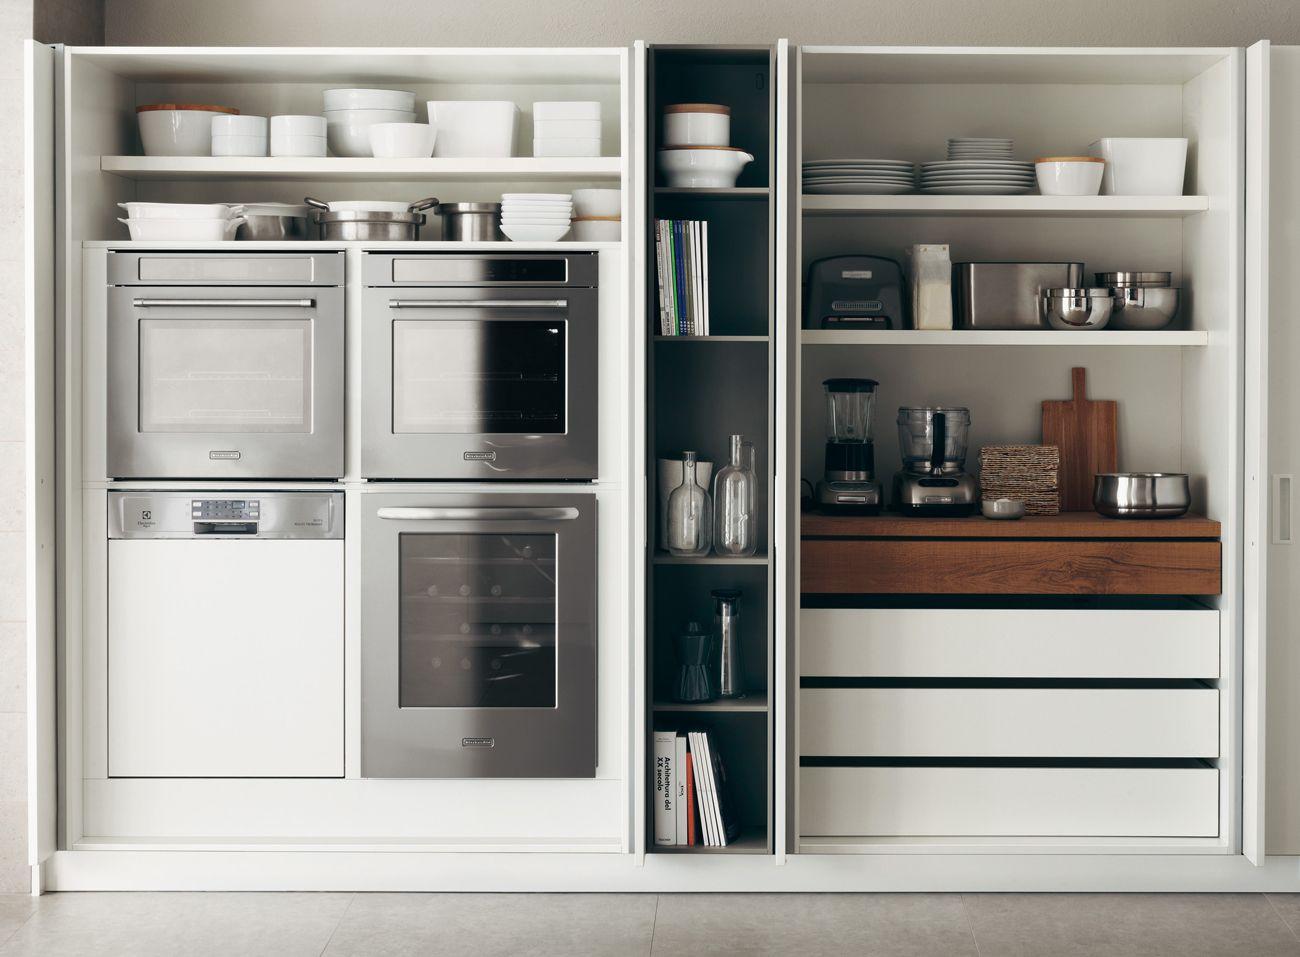 Le migliori soluzioni per le cucine piccole | Pinterest | Kitchen ...